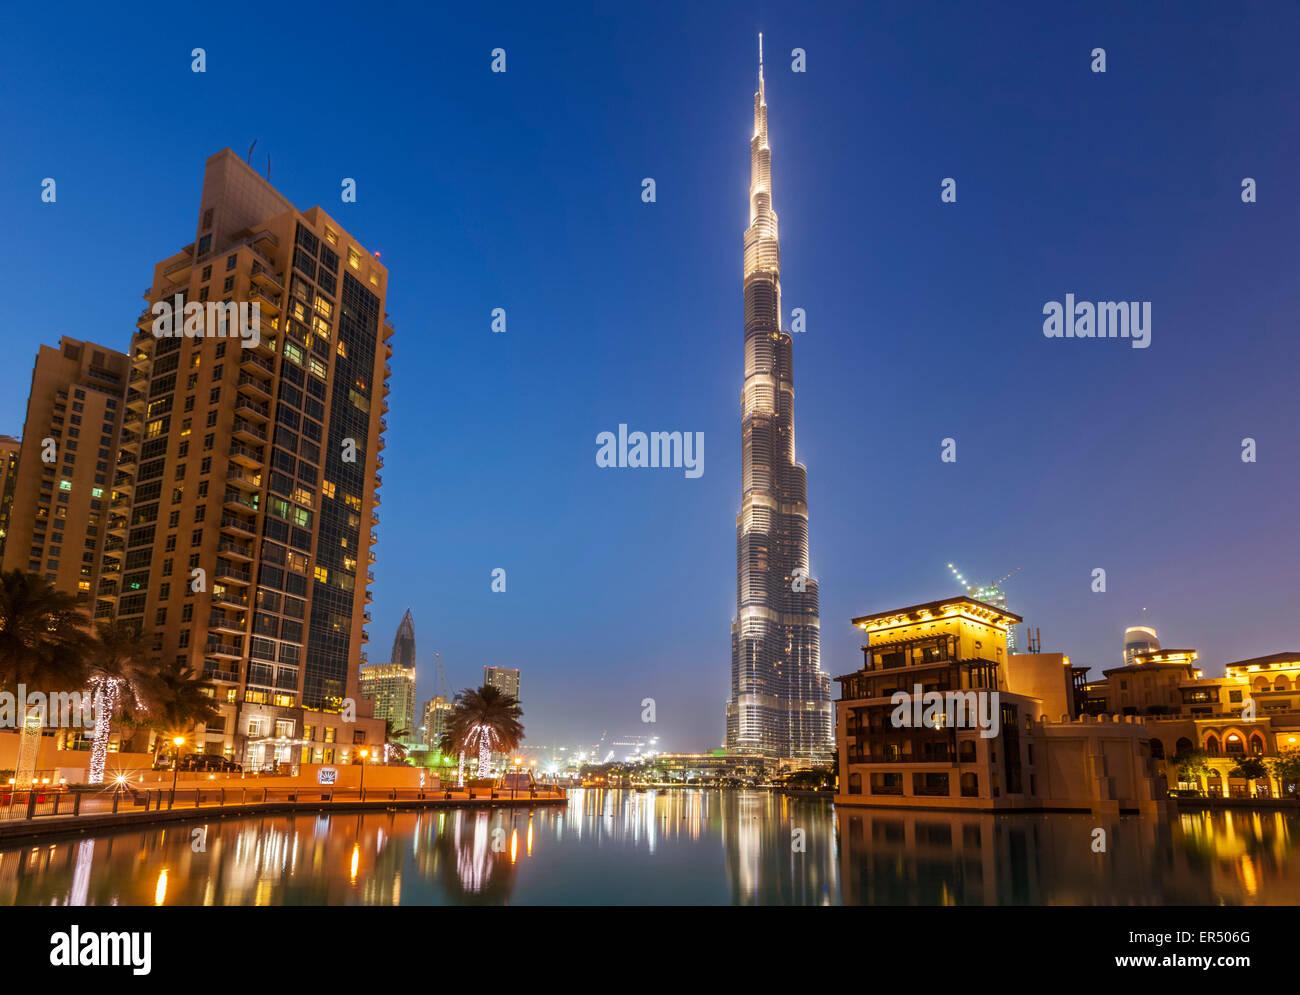 Buj Khalifa illuminé la nuit, la ville de Dubaï, Émirats arabes unis, ÉMIRATS ARABES UNIS, Moyen Photo Stock